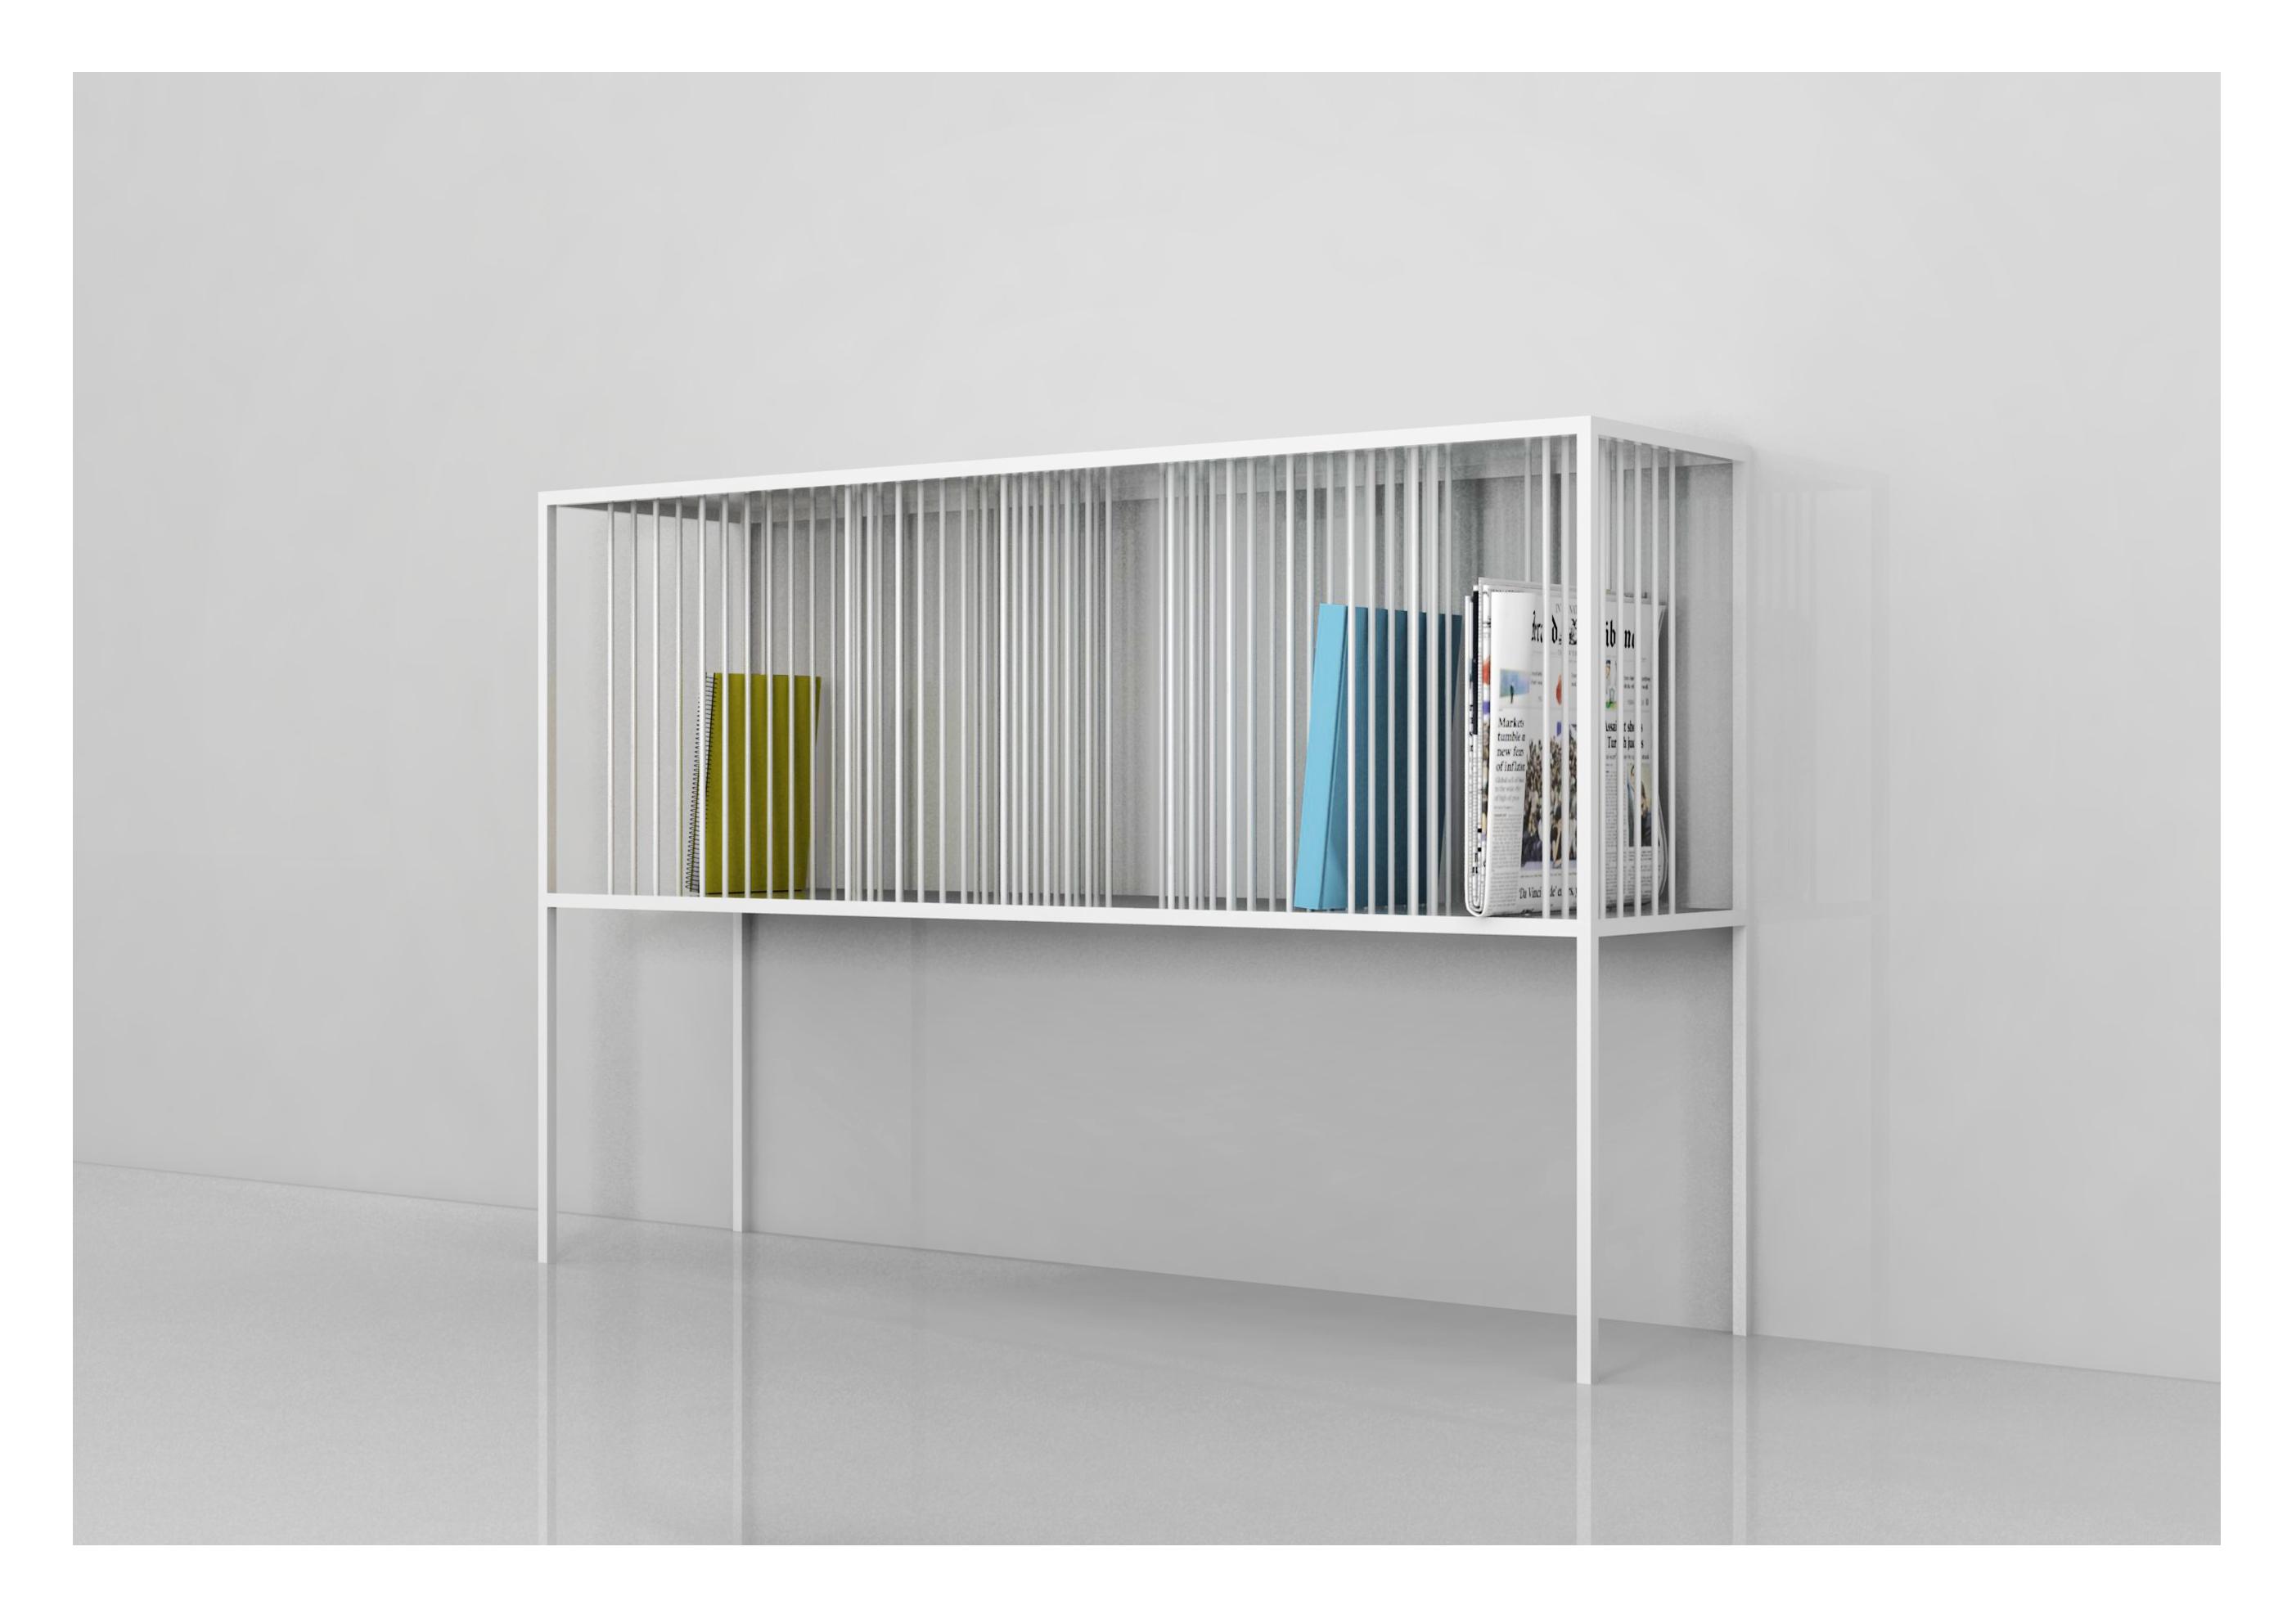 Libreria Millerighe di DAA Design - Marta Laudani, Marco Romanelli, con Stefano Ragazzo